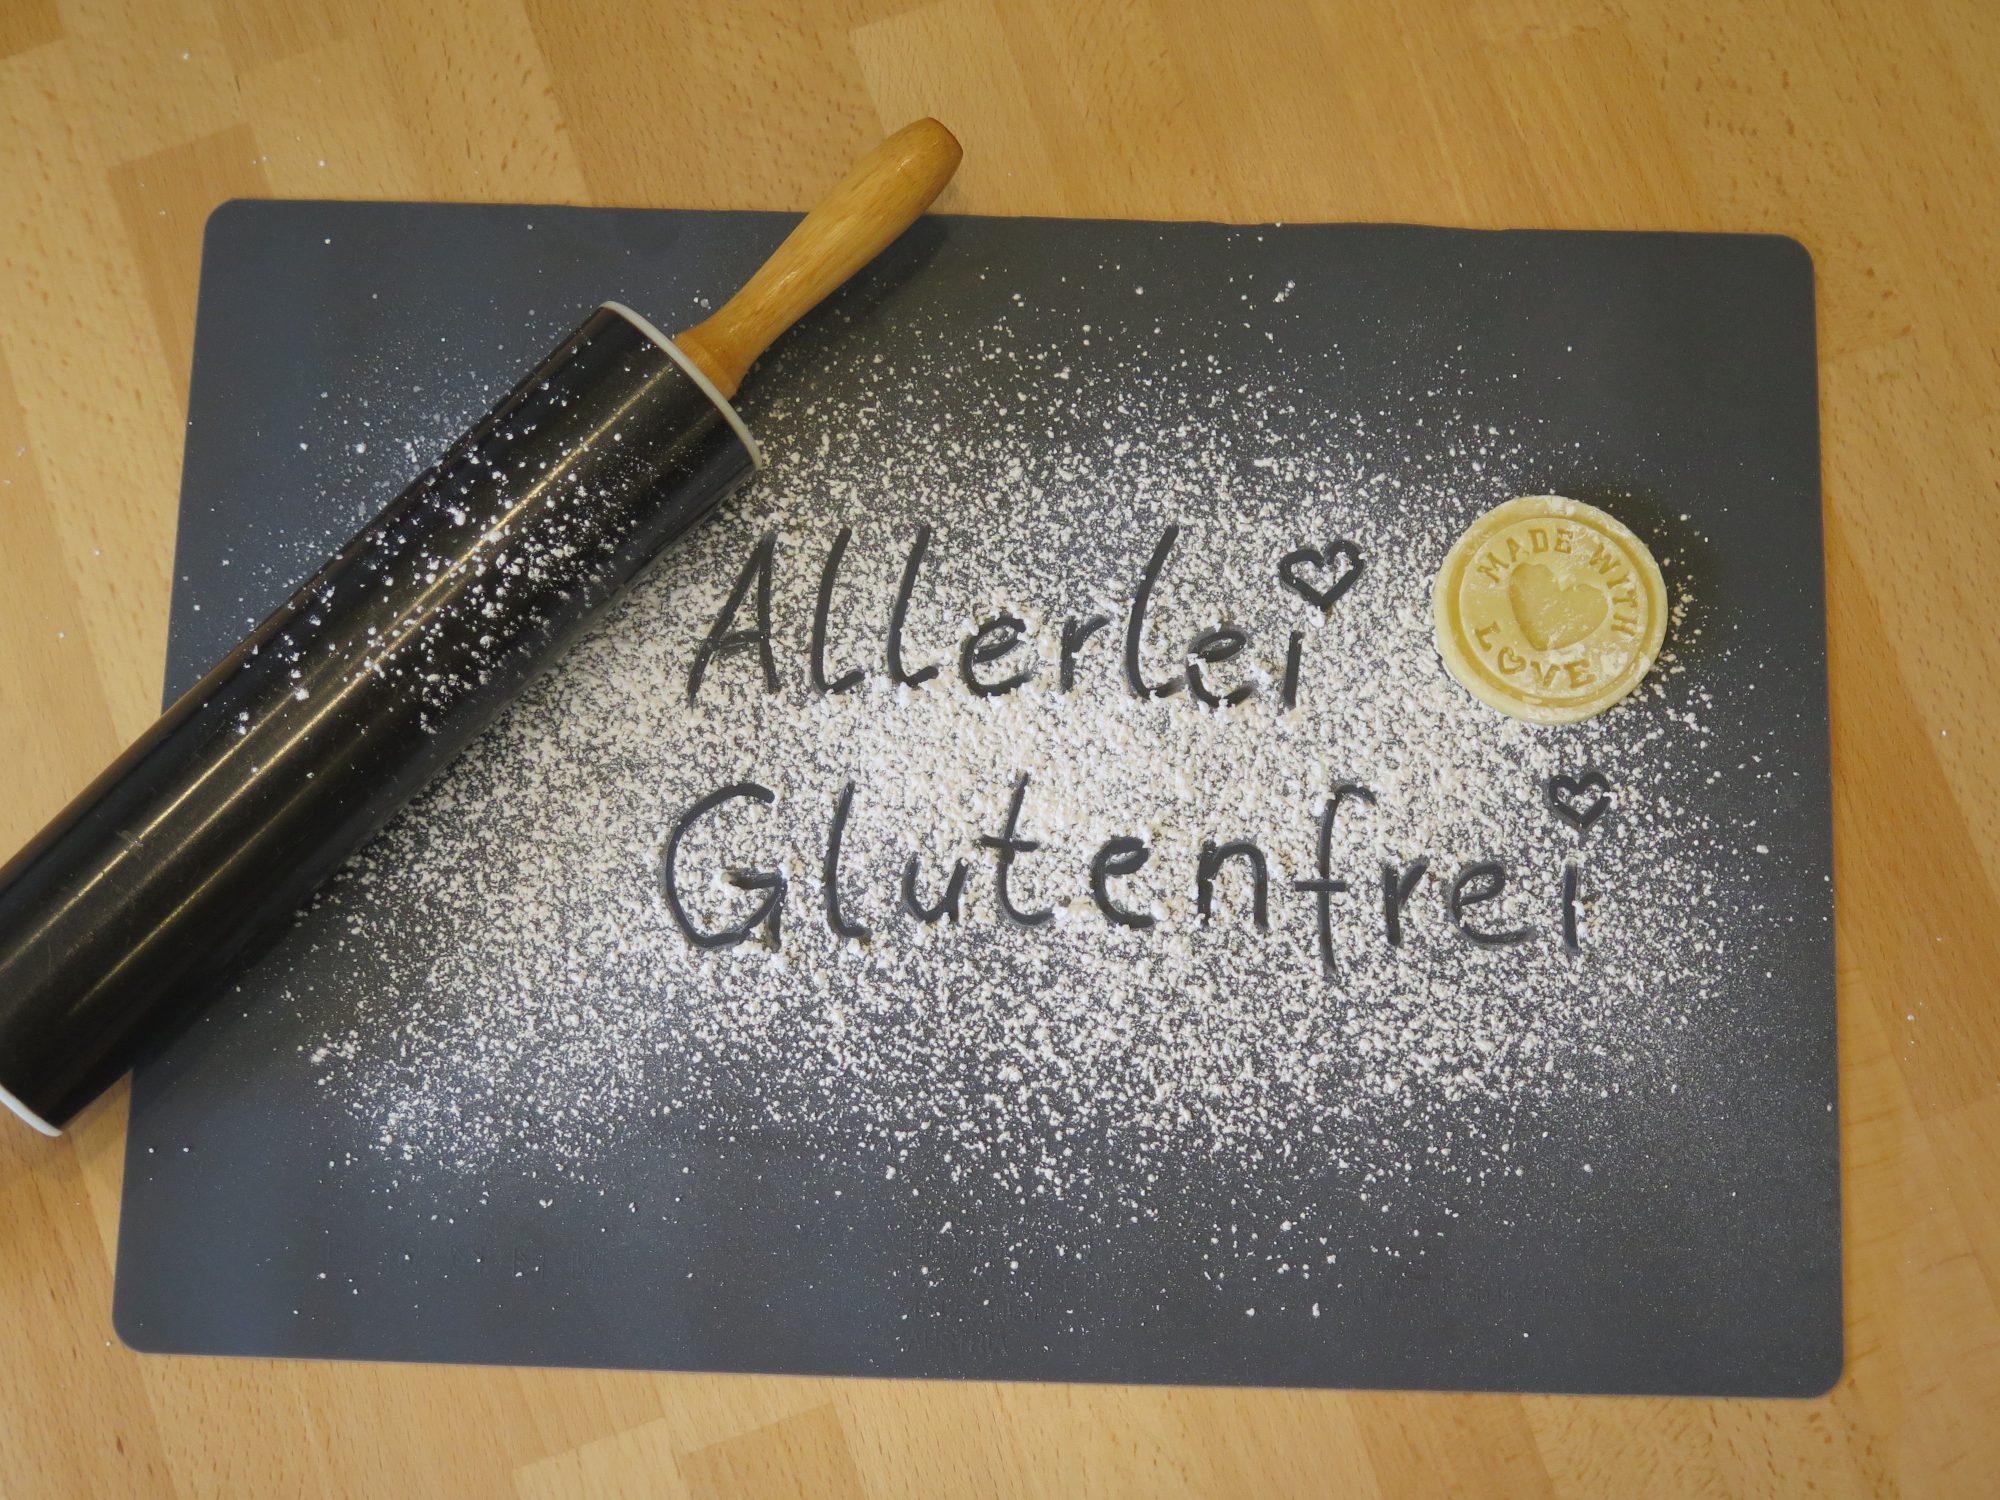 Allerlei-Glutenfrei - Hello World